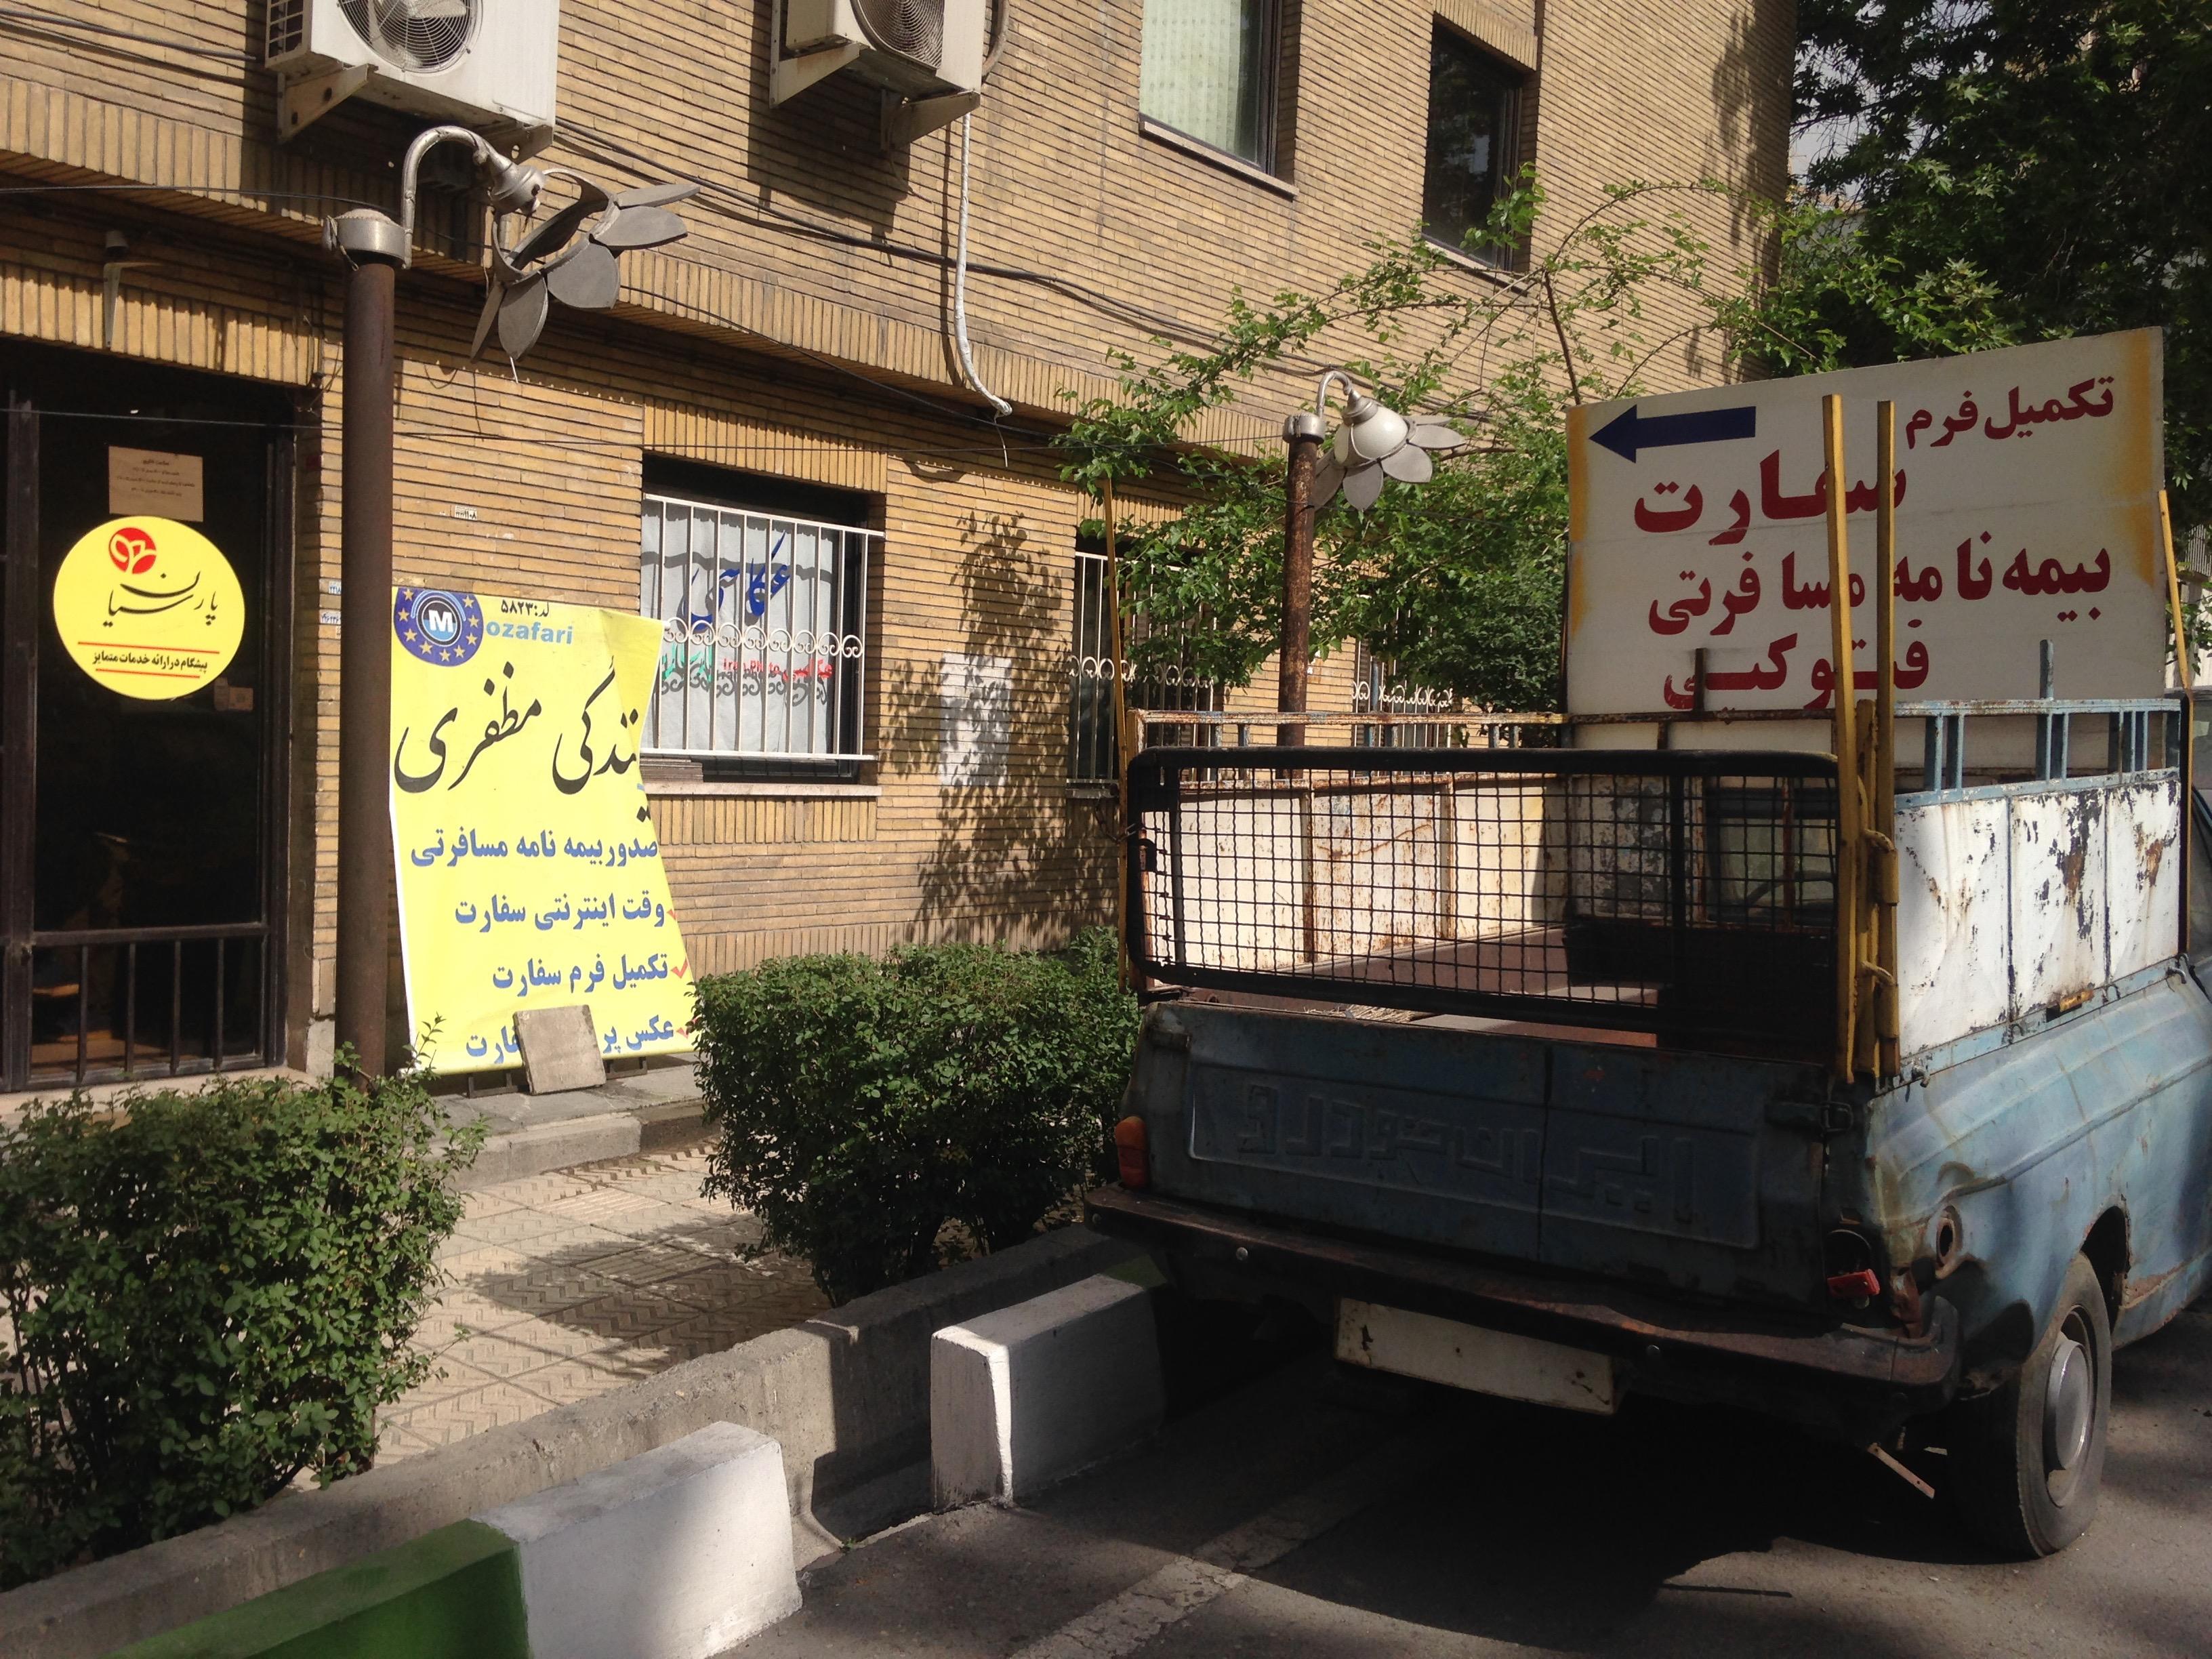 ウズベキスタン ビザ テヘラン 世界一周 旅 ブログ 夫婦 申請 取得